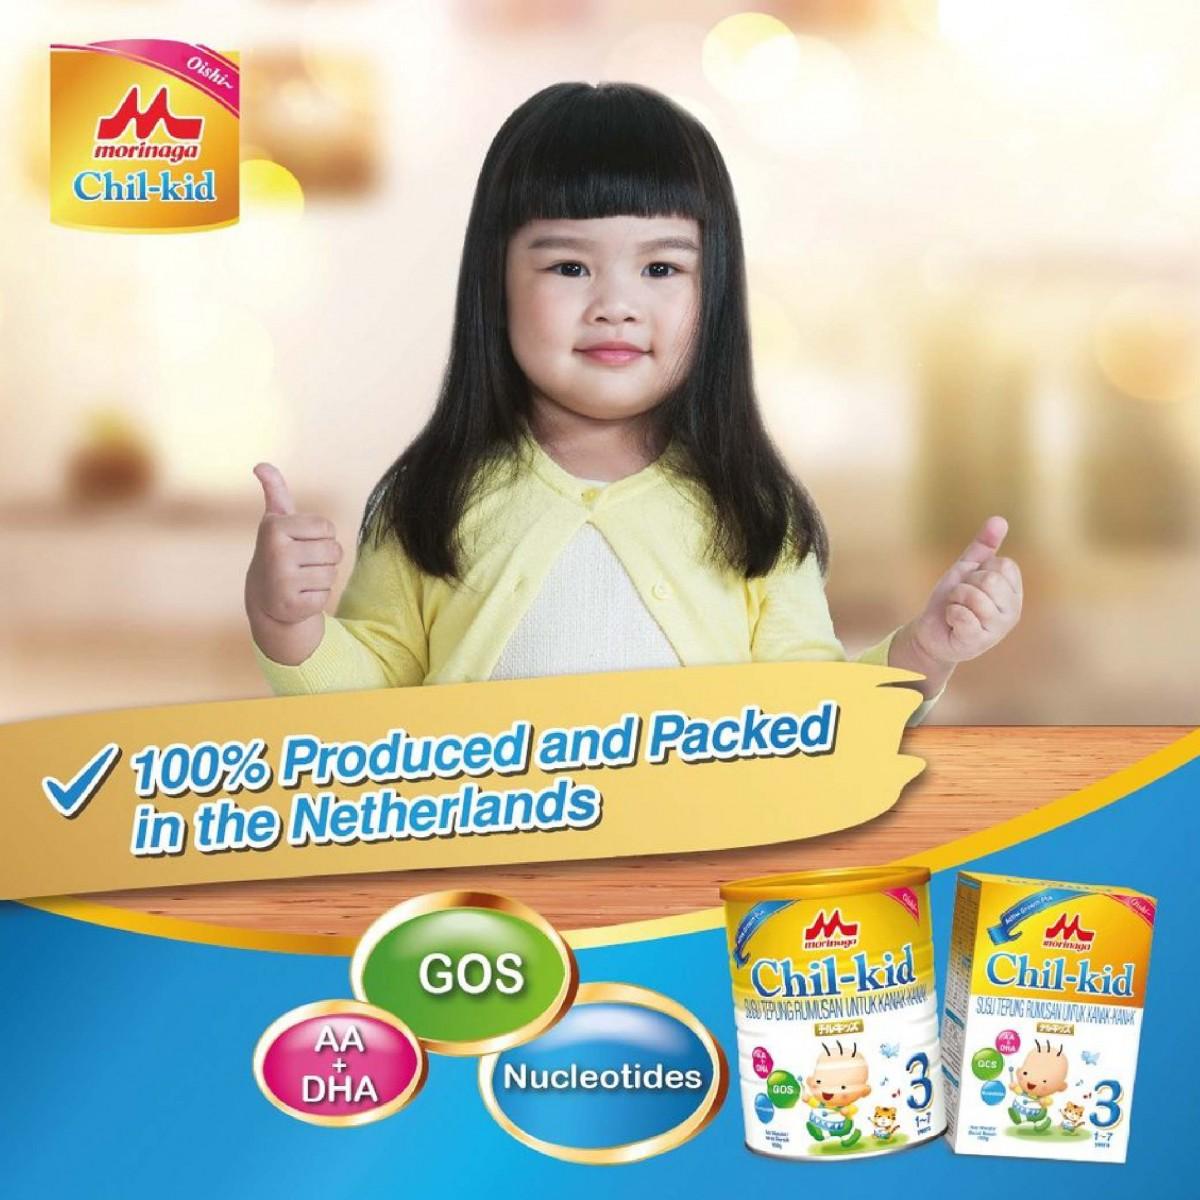 Morinaga Step 3 Chil-Kid Milk Powder 900g - Step 3 - 1 to 7 Years Old - Children Formulated Milk Powder